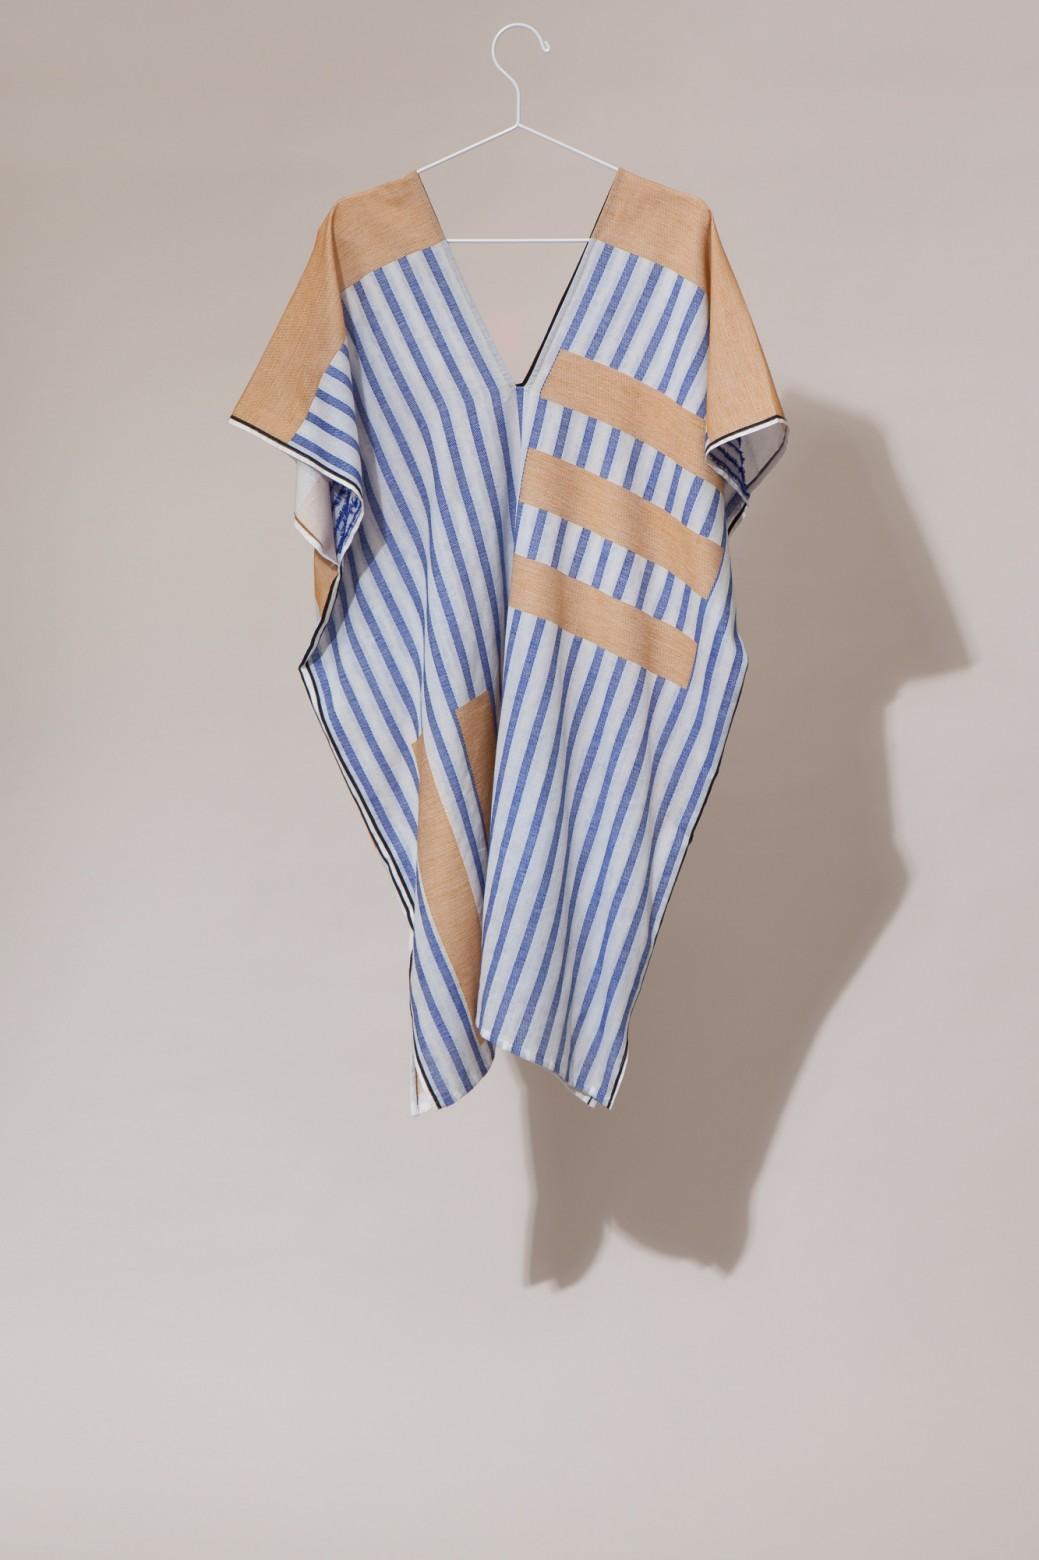 Robe ARPOcre